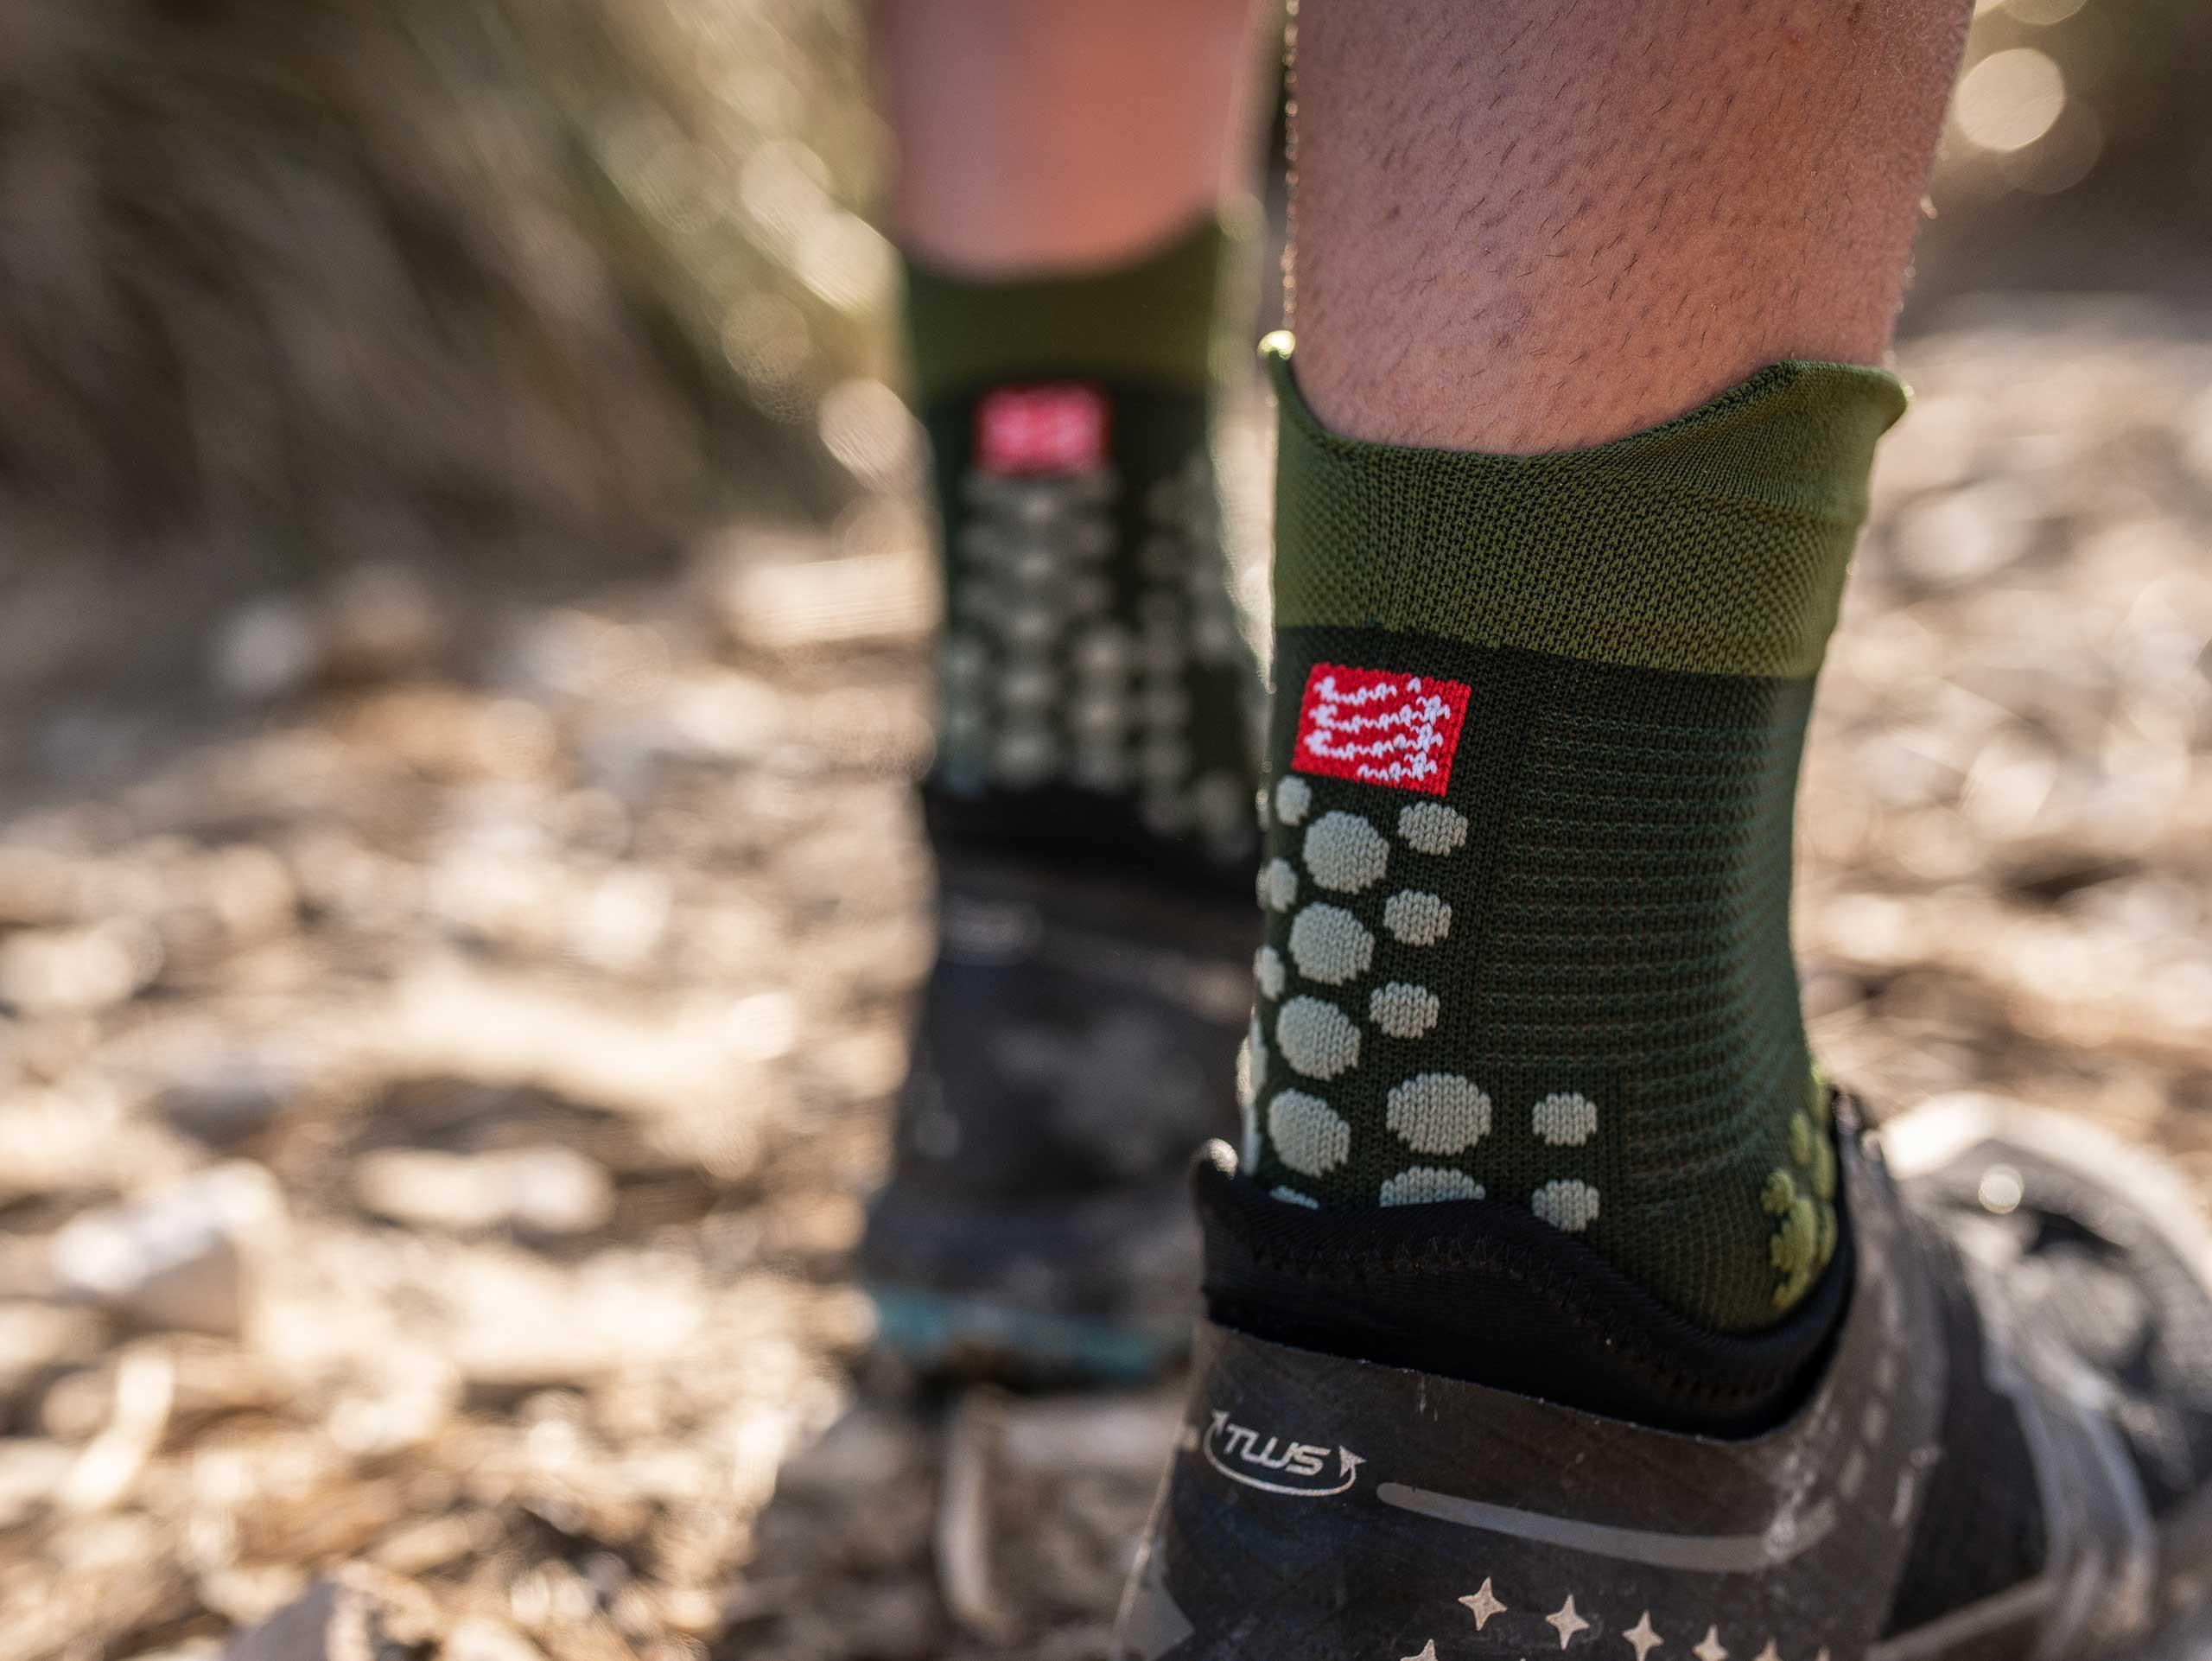 Pro Racing Socks v3.0 Tarnkappen-Grün